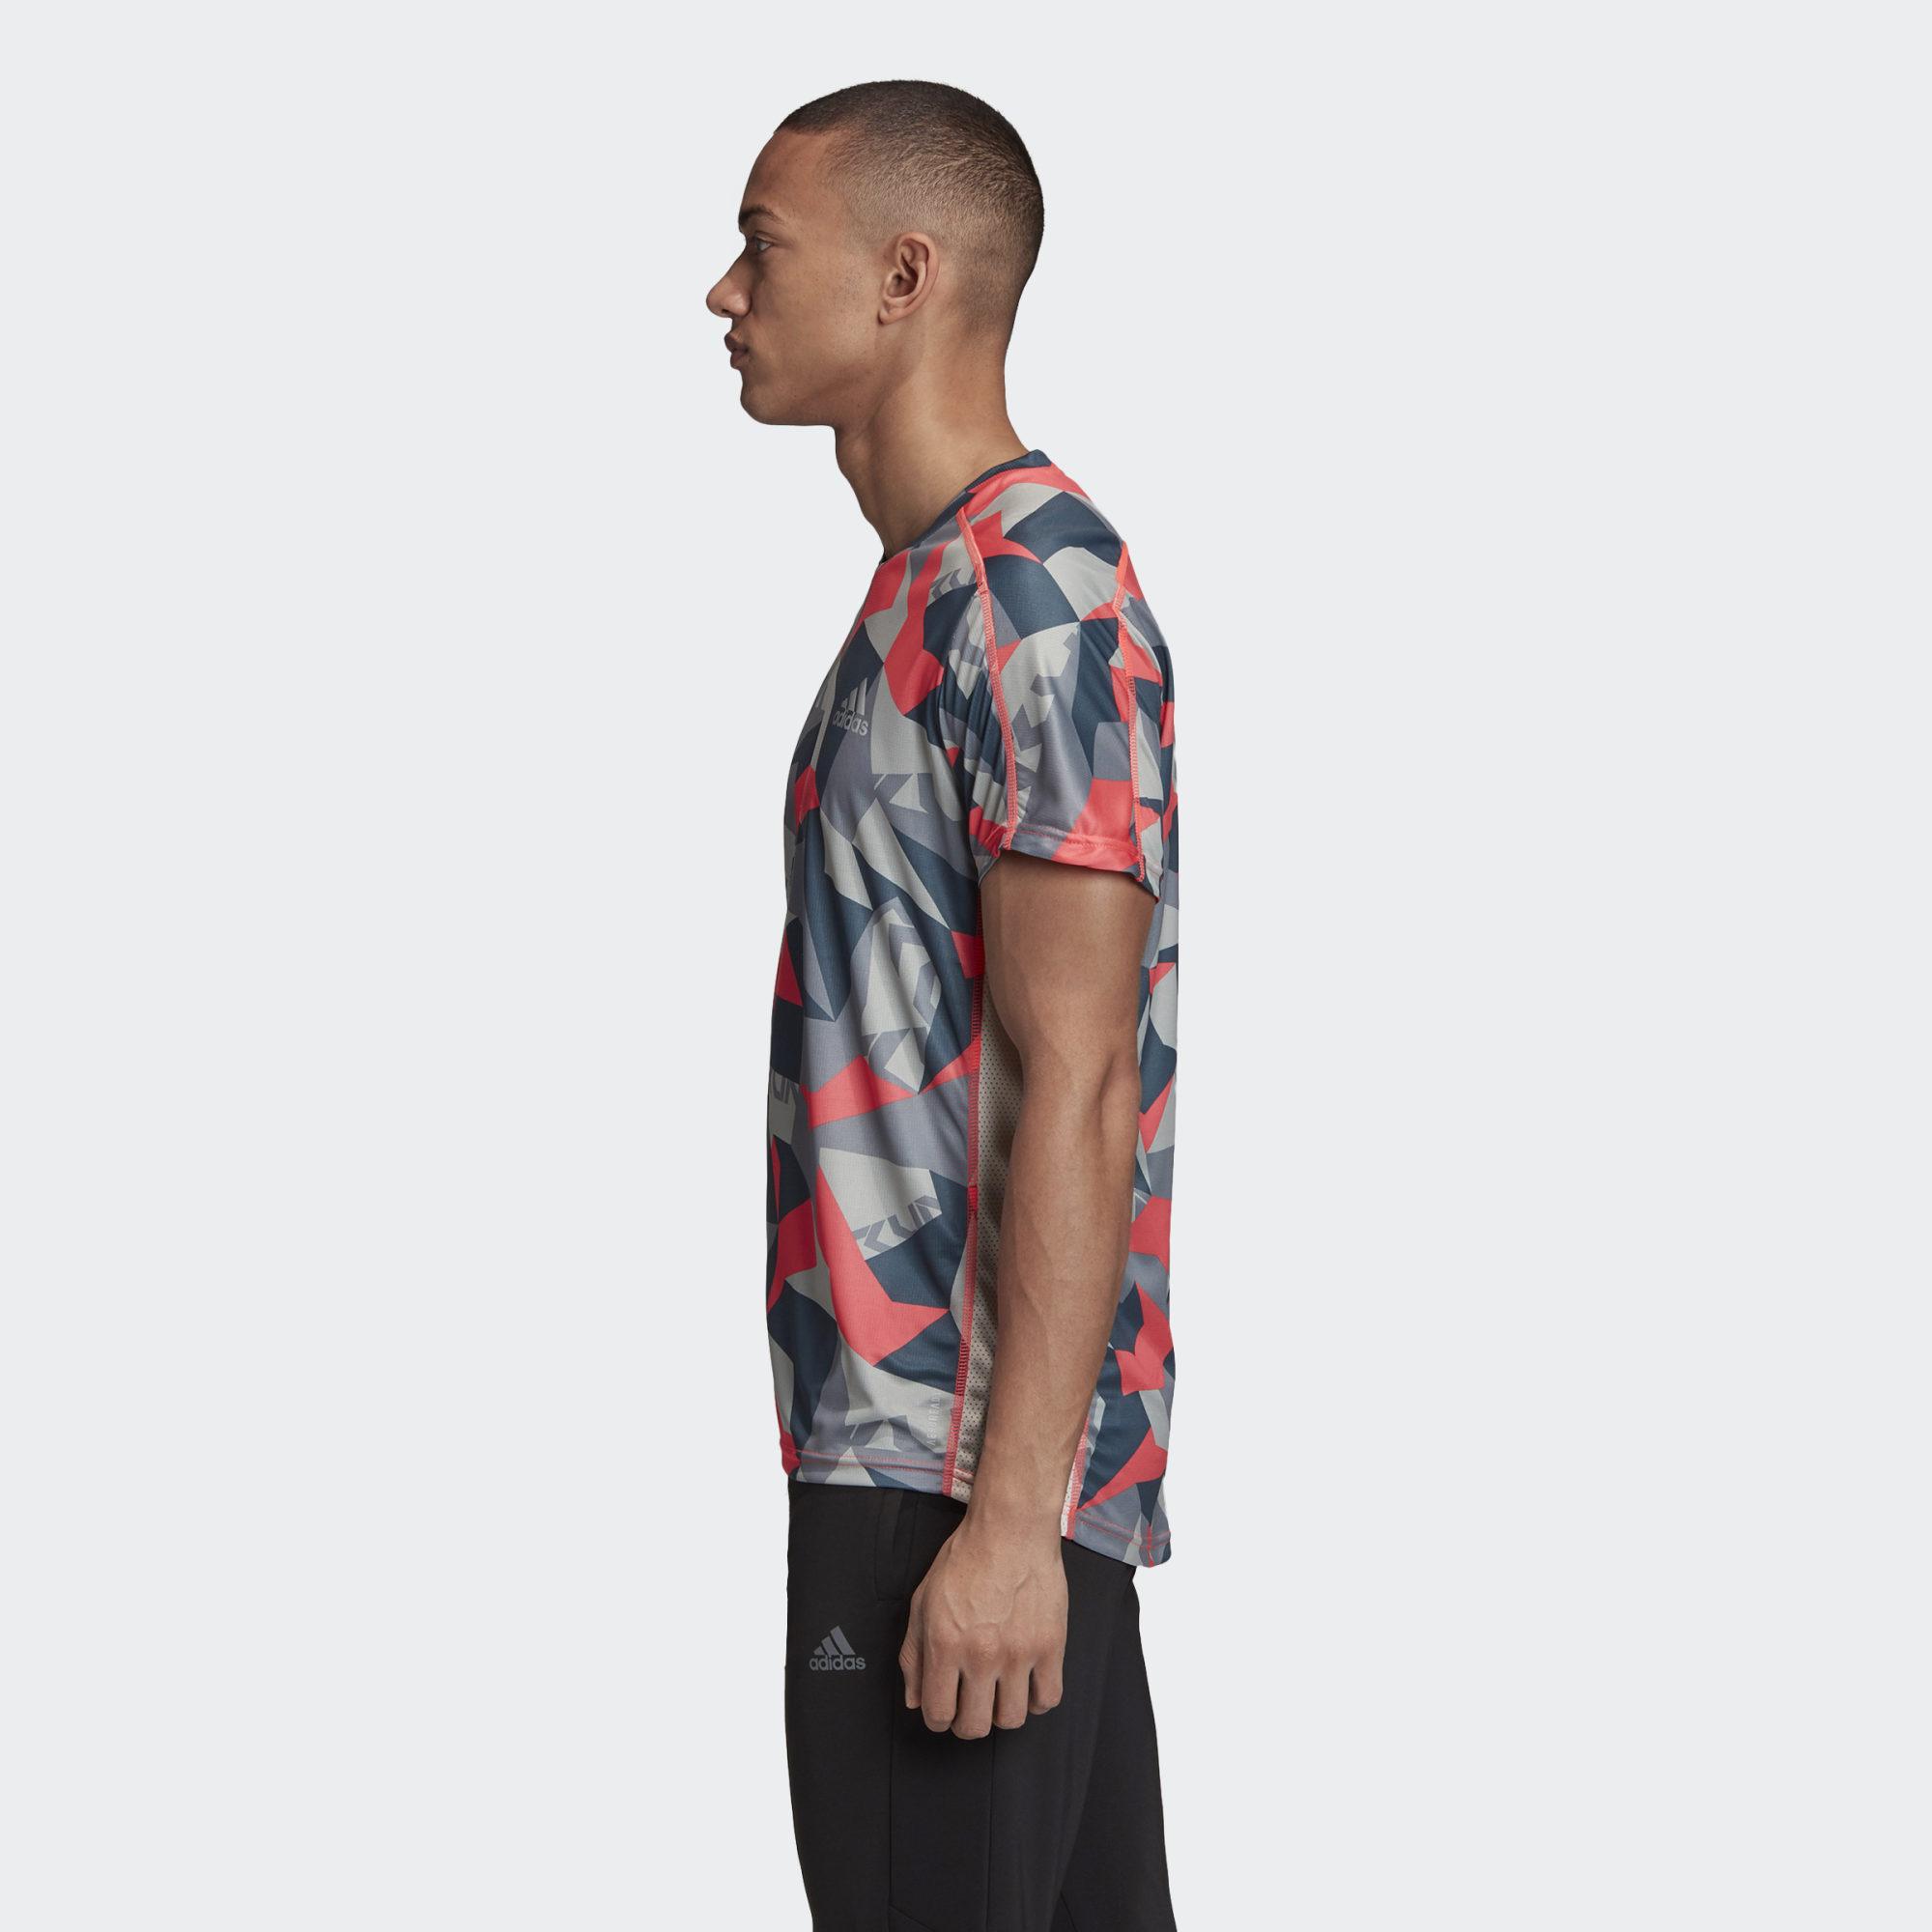 Camiseta Adidas Own The Run Camuflada